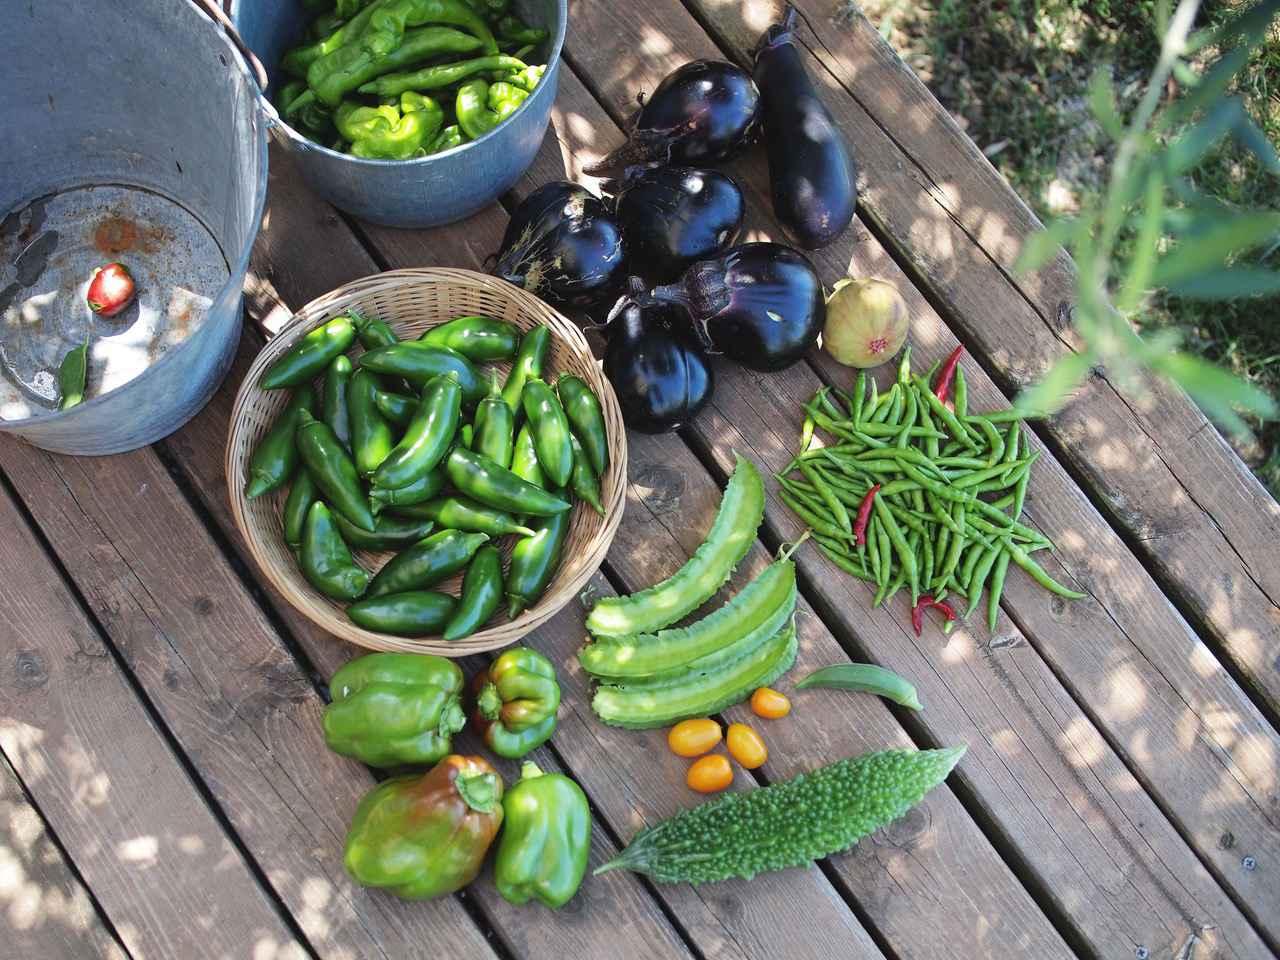 画像: この日採れた夏野菜たち。青とうがらしや水なすなど、かごの中は「ピー太郎」という名の苦みが少ないピーマン